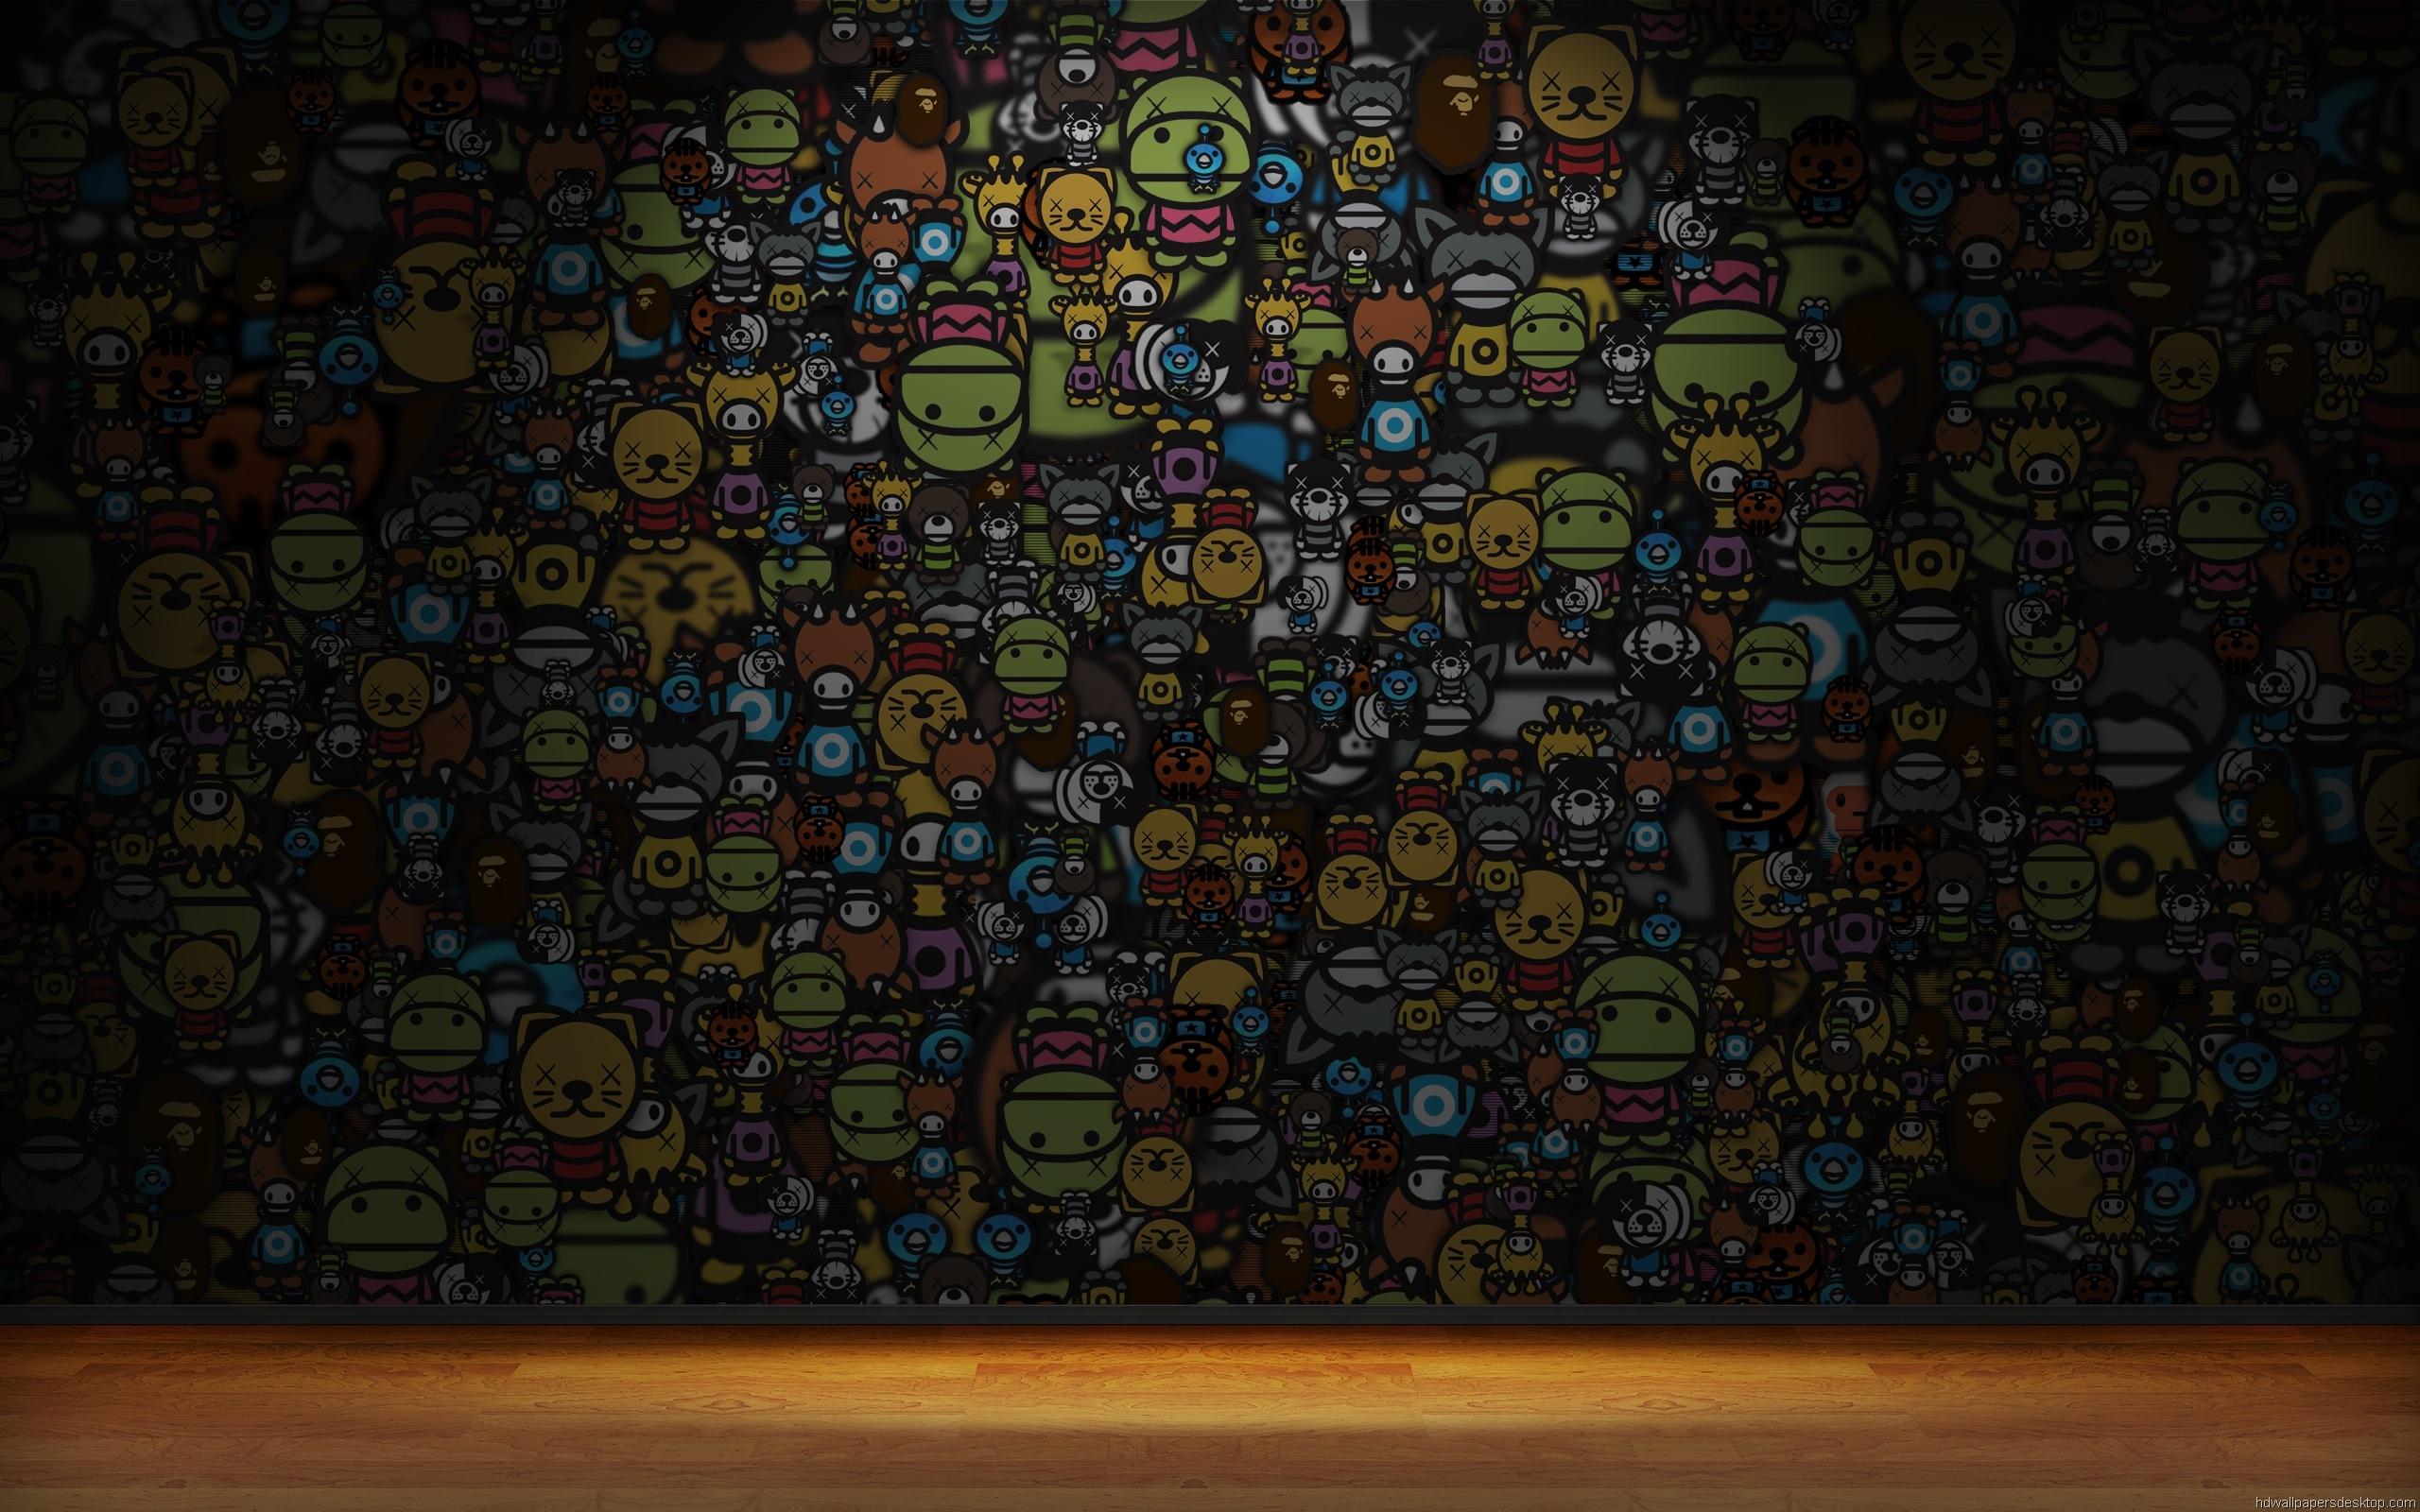 new hd wallpaper